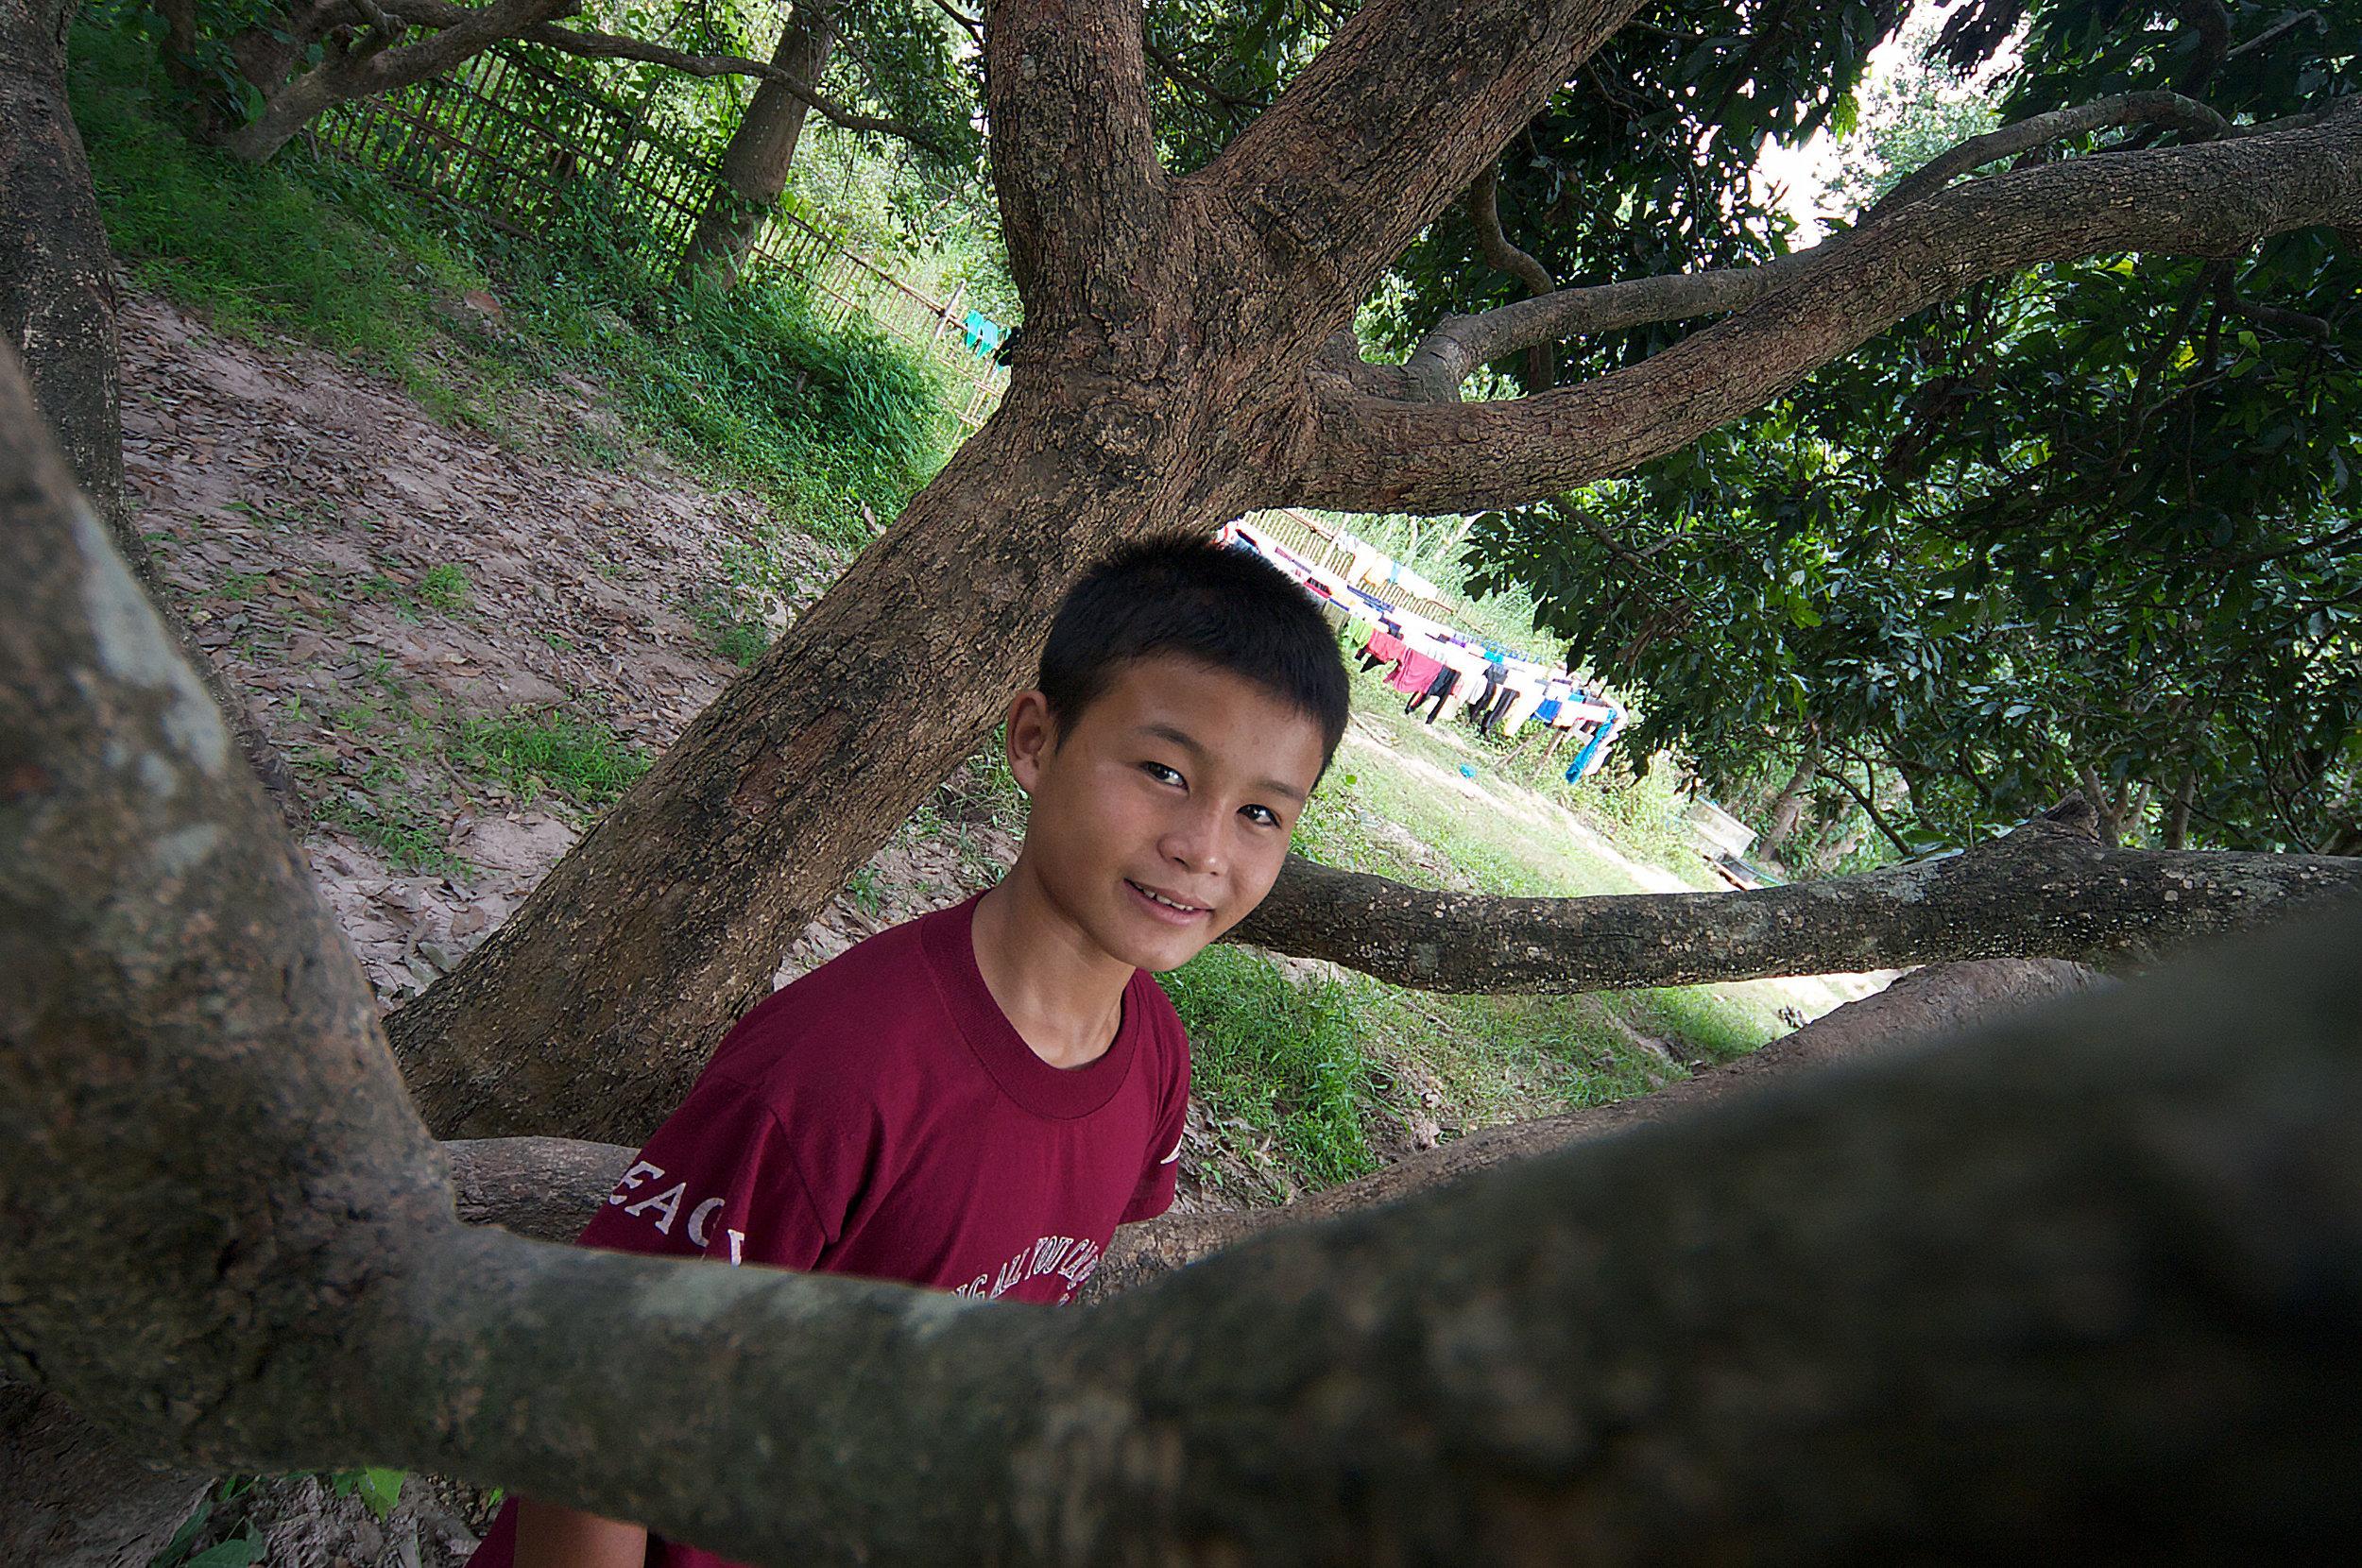 Janpon, age 13, growing up at Asia's Hope in Doi Saket, Thailand.